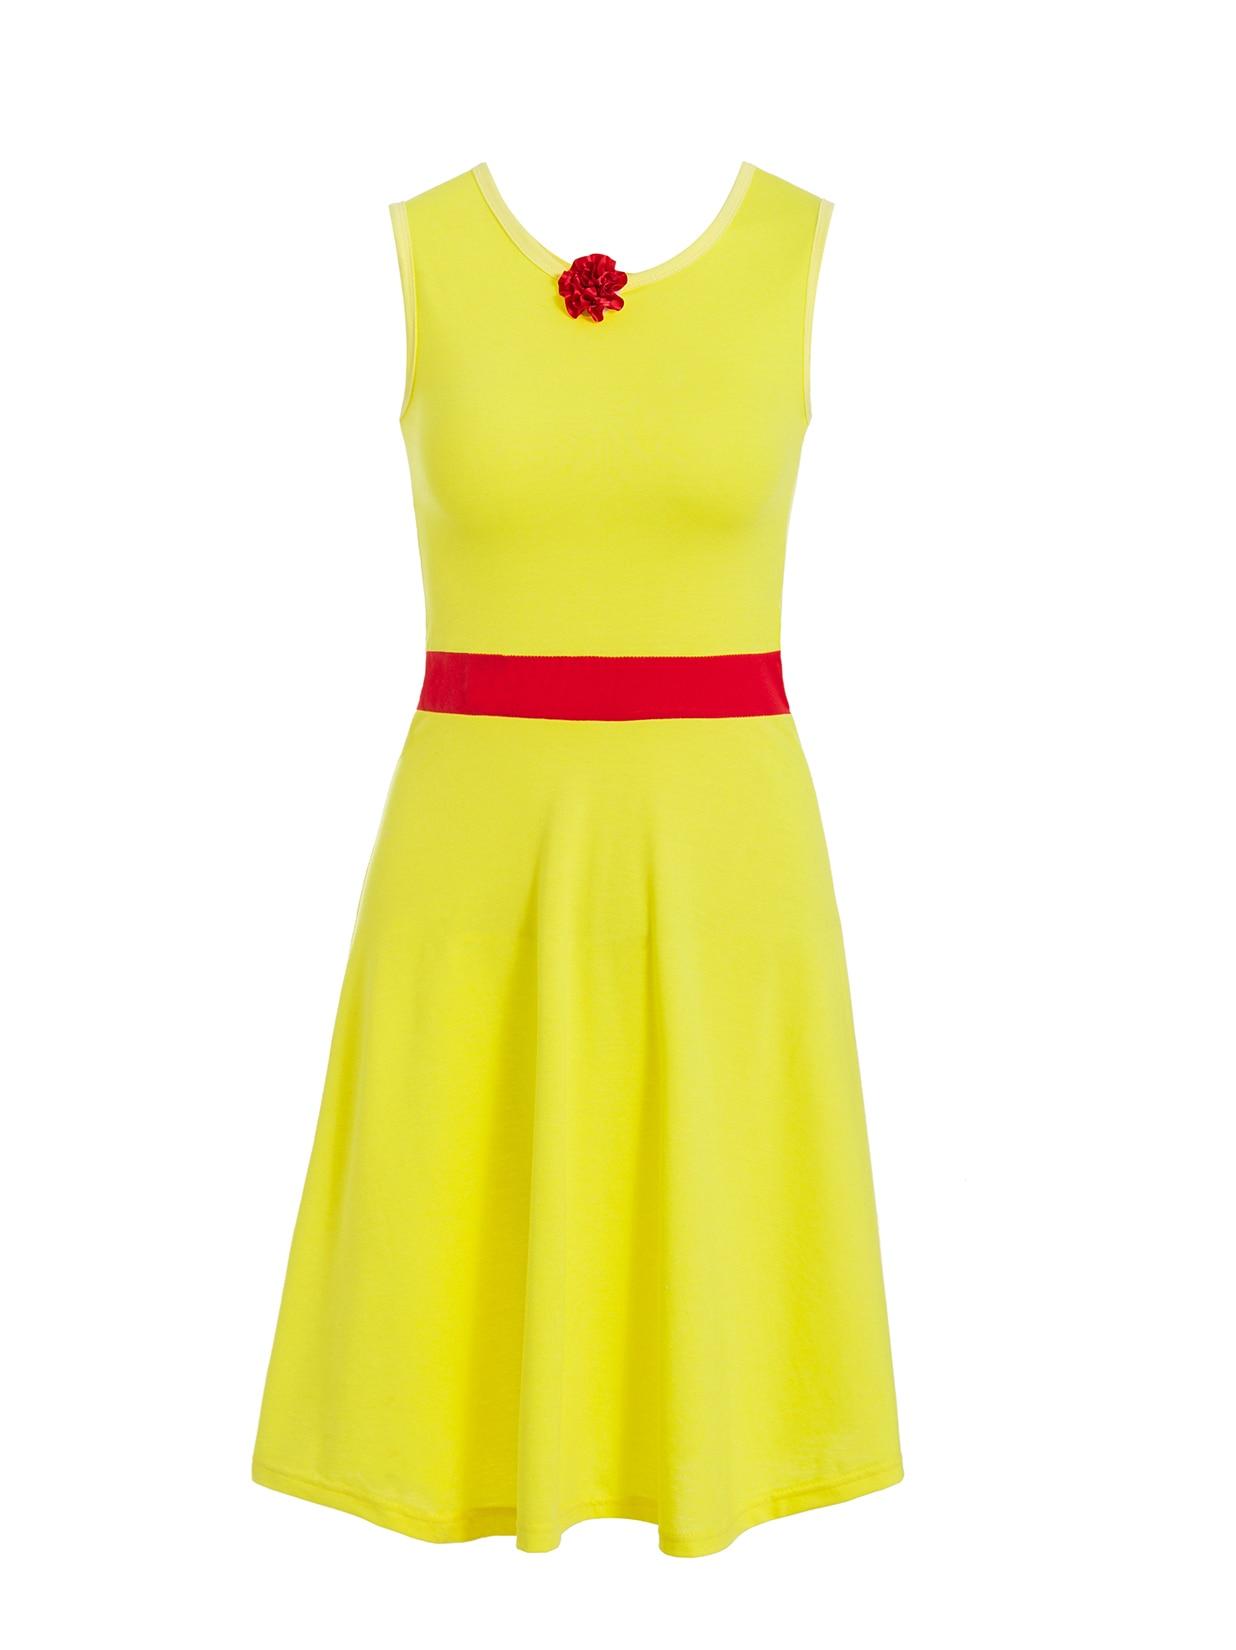 Платье принцессы для взрослых; одинаковый семейный маскарадный костюм «Минни Маус и я»; женское платье принцессы в горошек; большие размеры - Цвет: belle